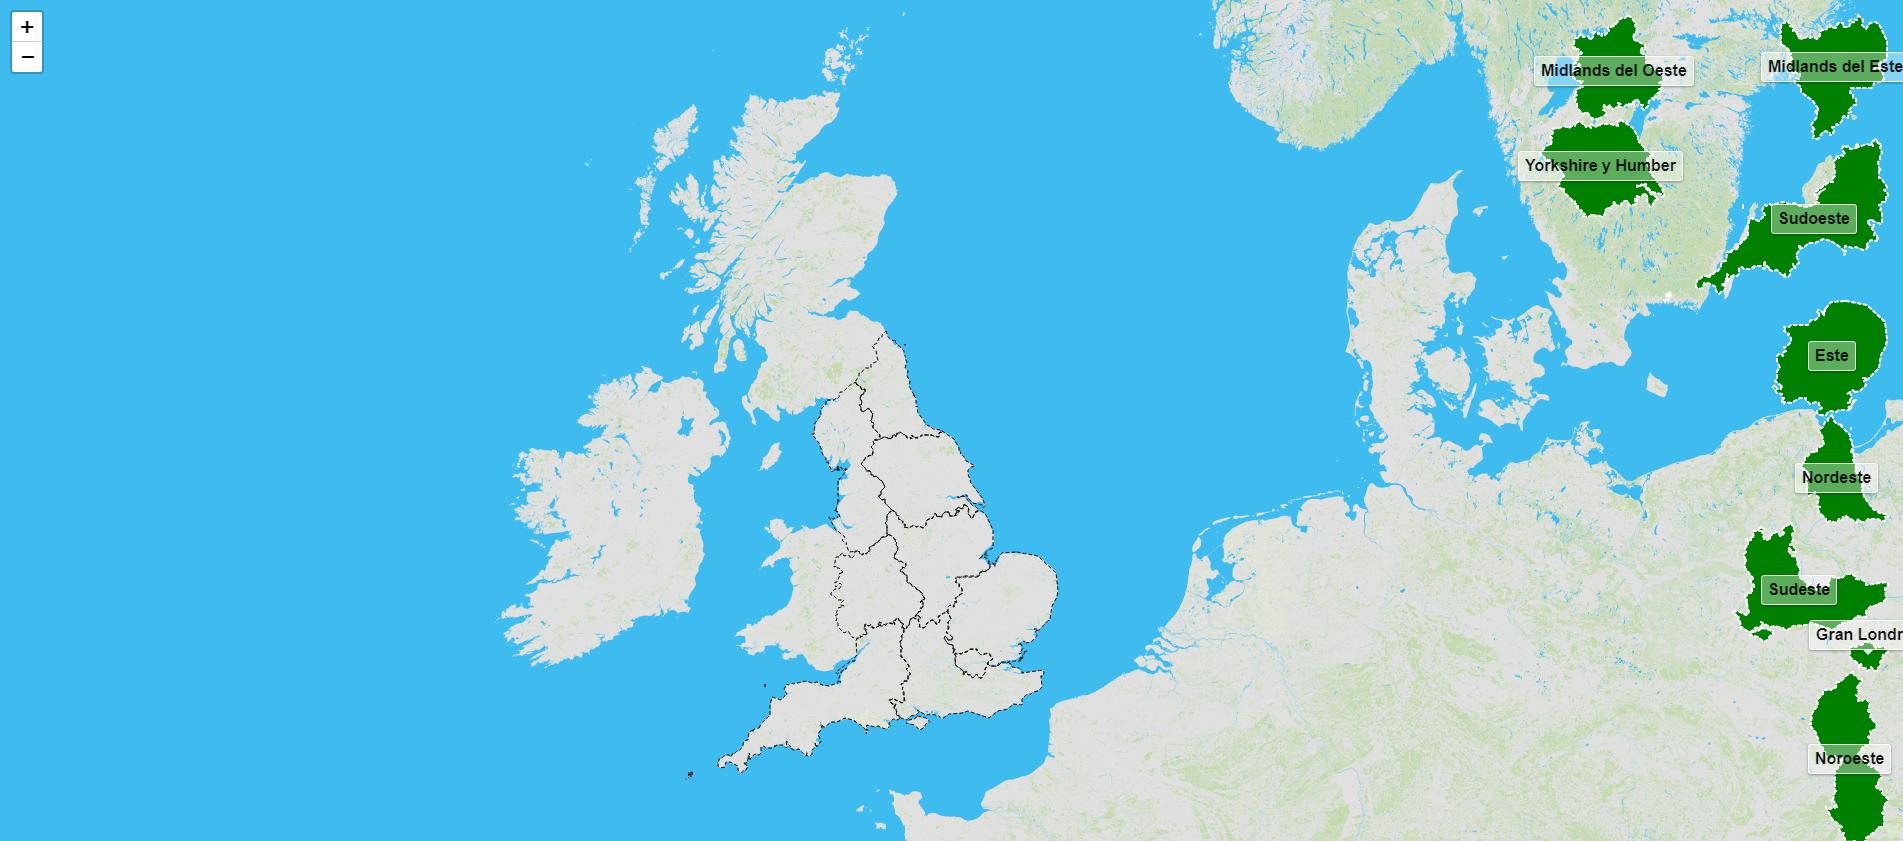 Regiones de Inglaterra